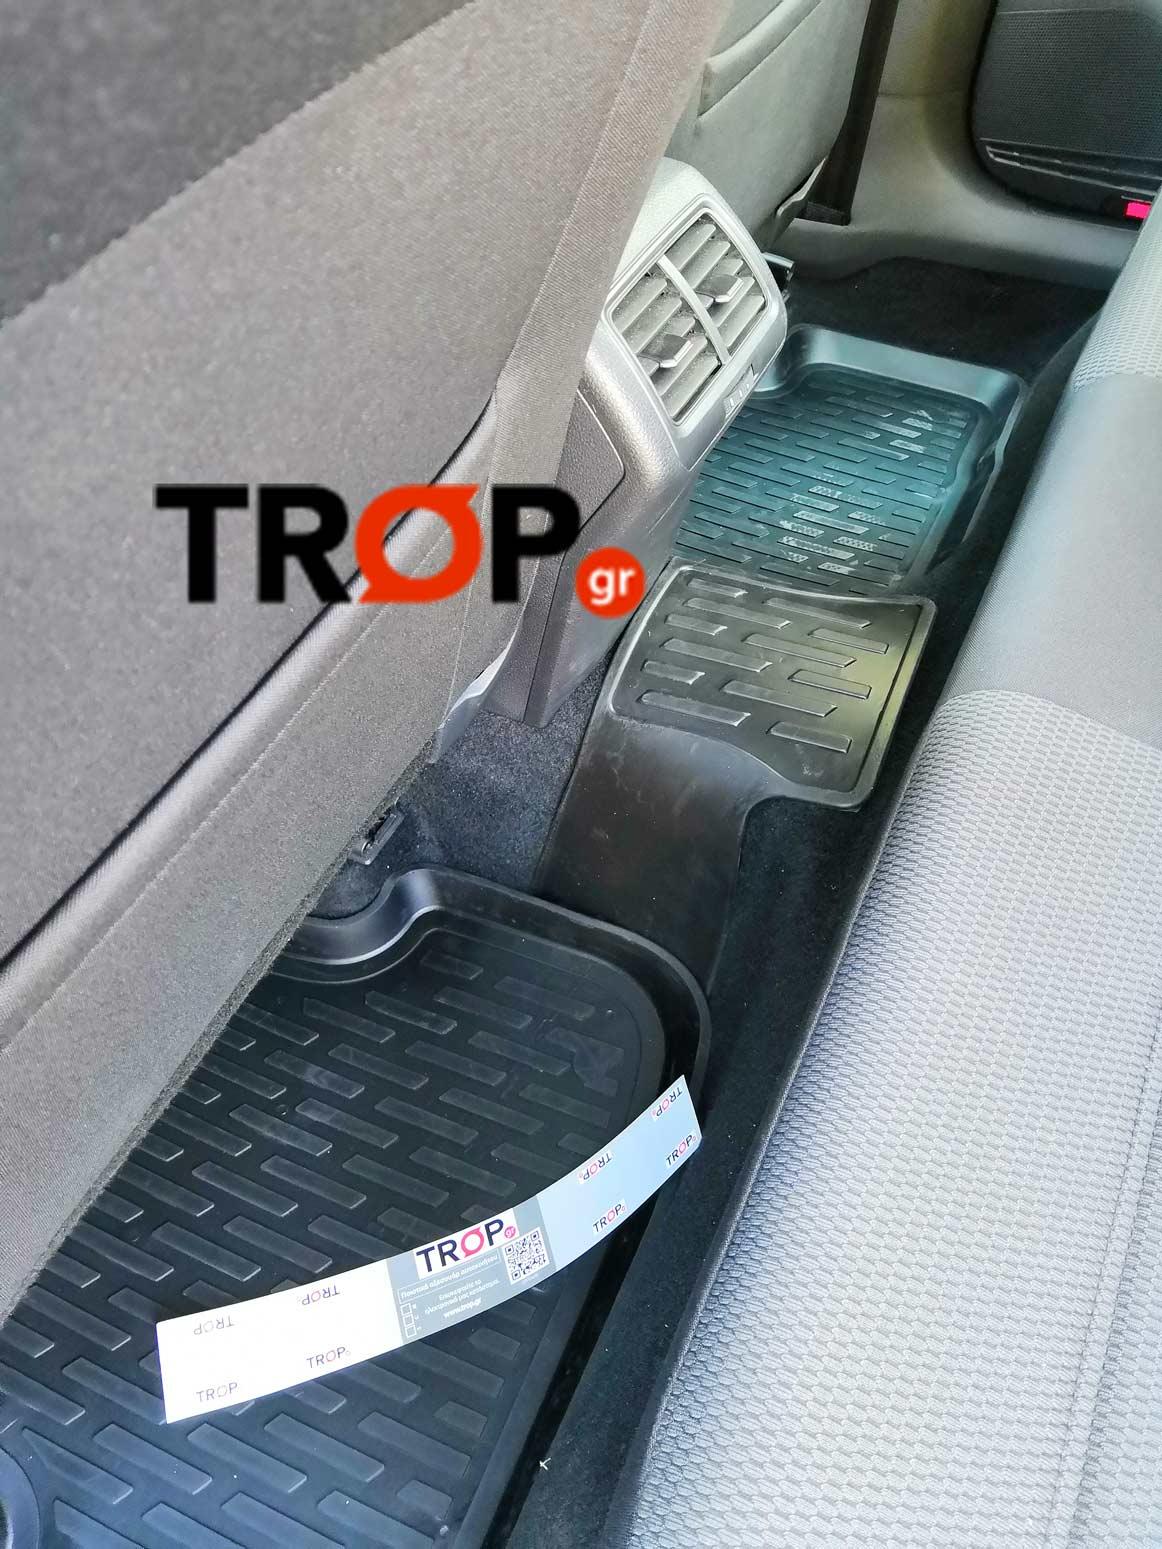 Πίσω λαστιχένια πατάκια-σκαφάκια σε αυτοκίνητο πελάτη μας - TROP.gr